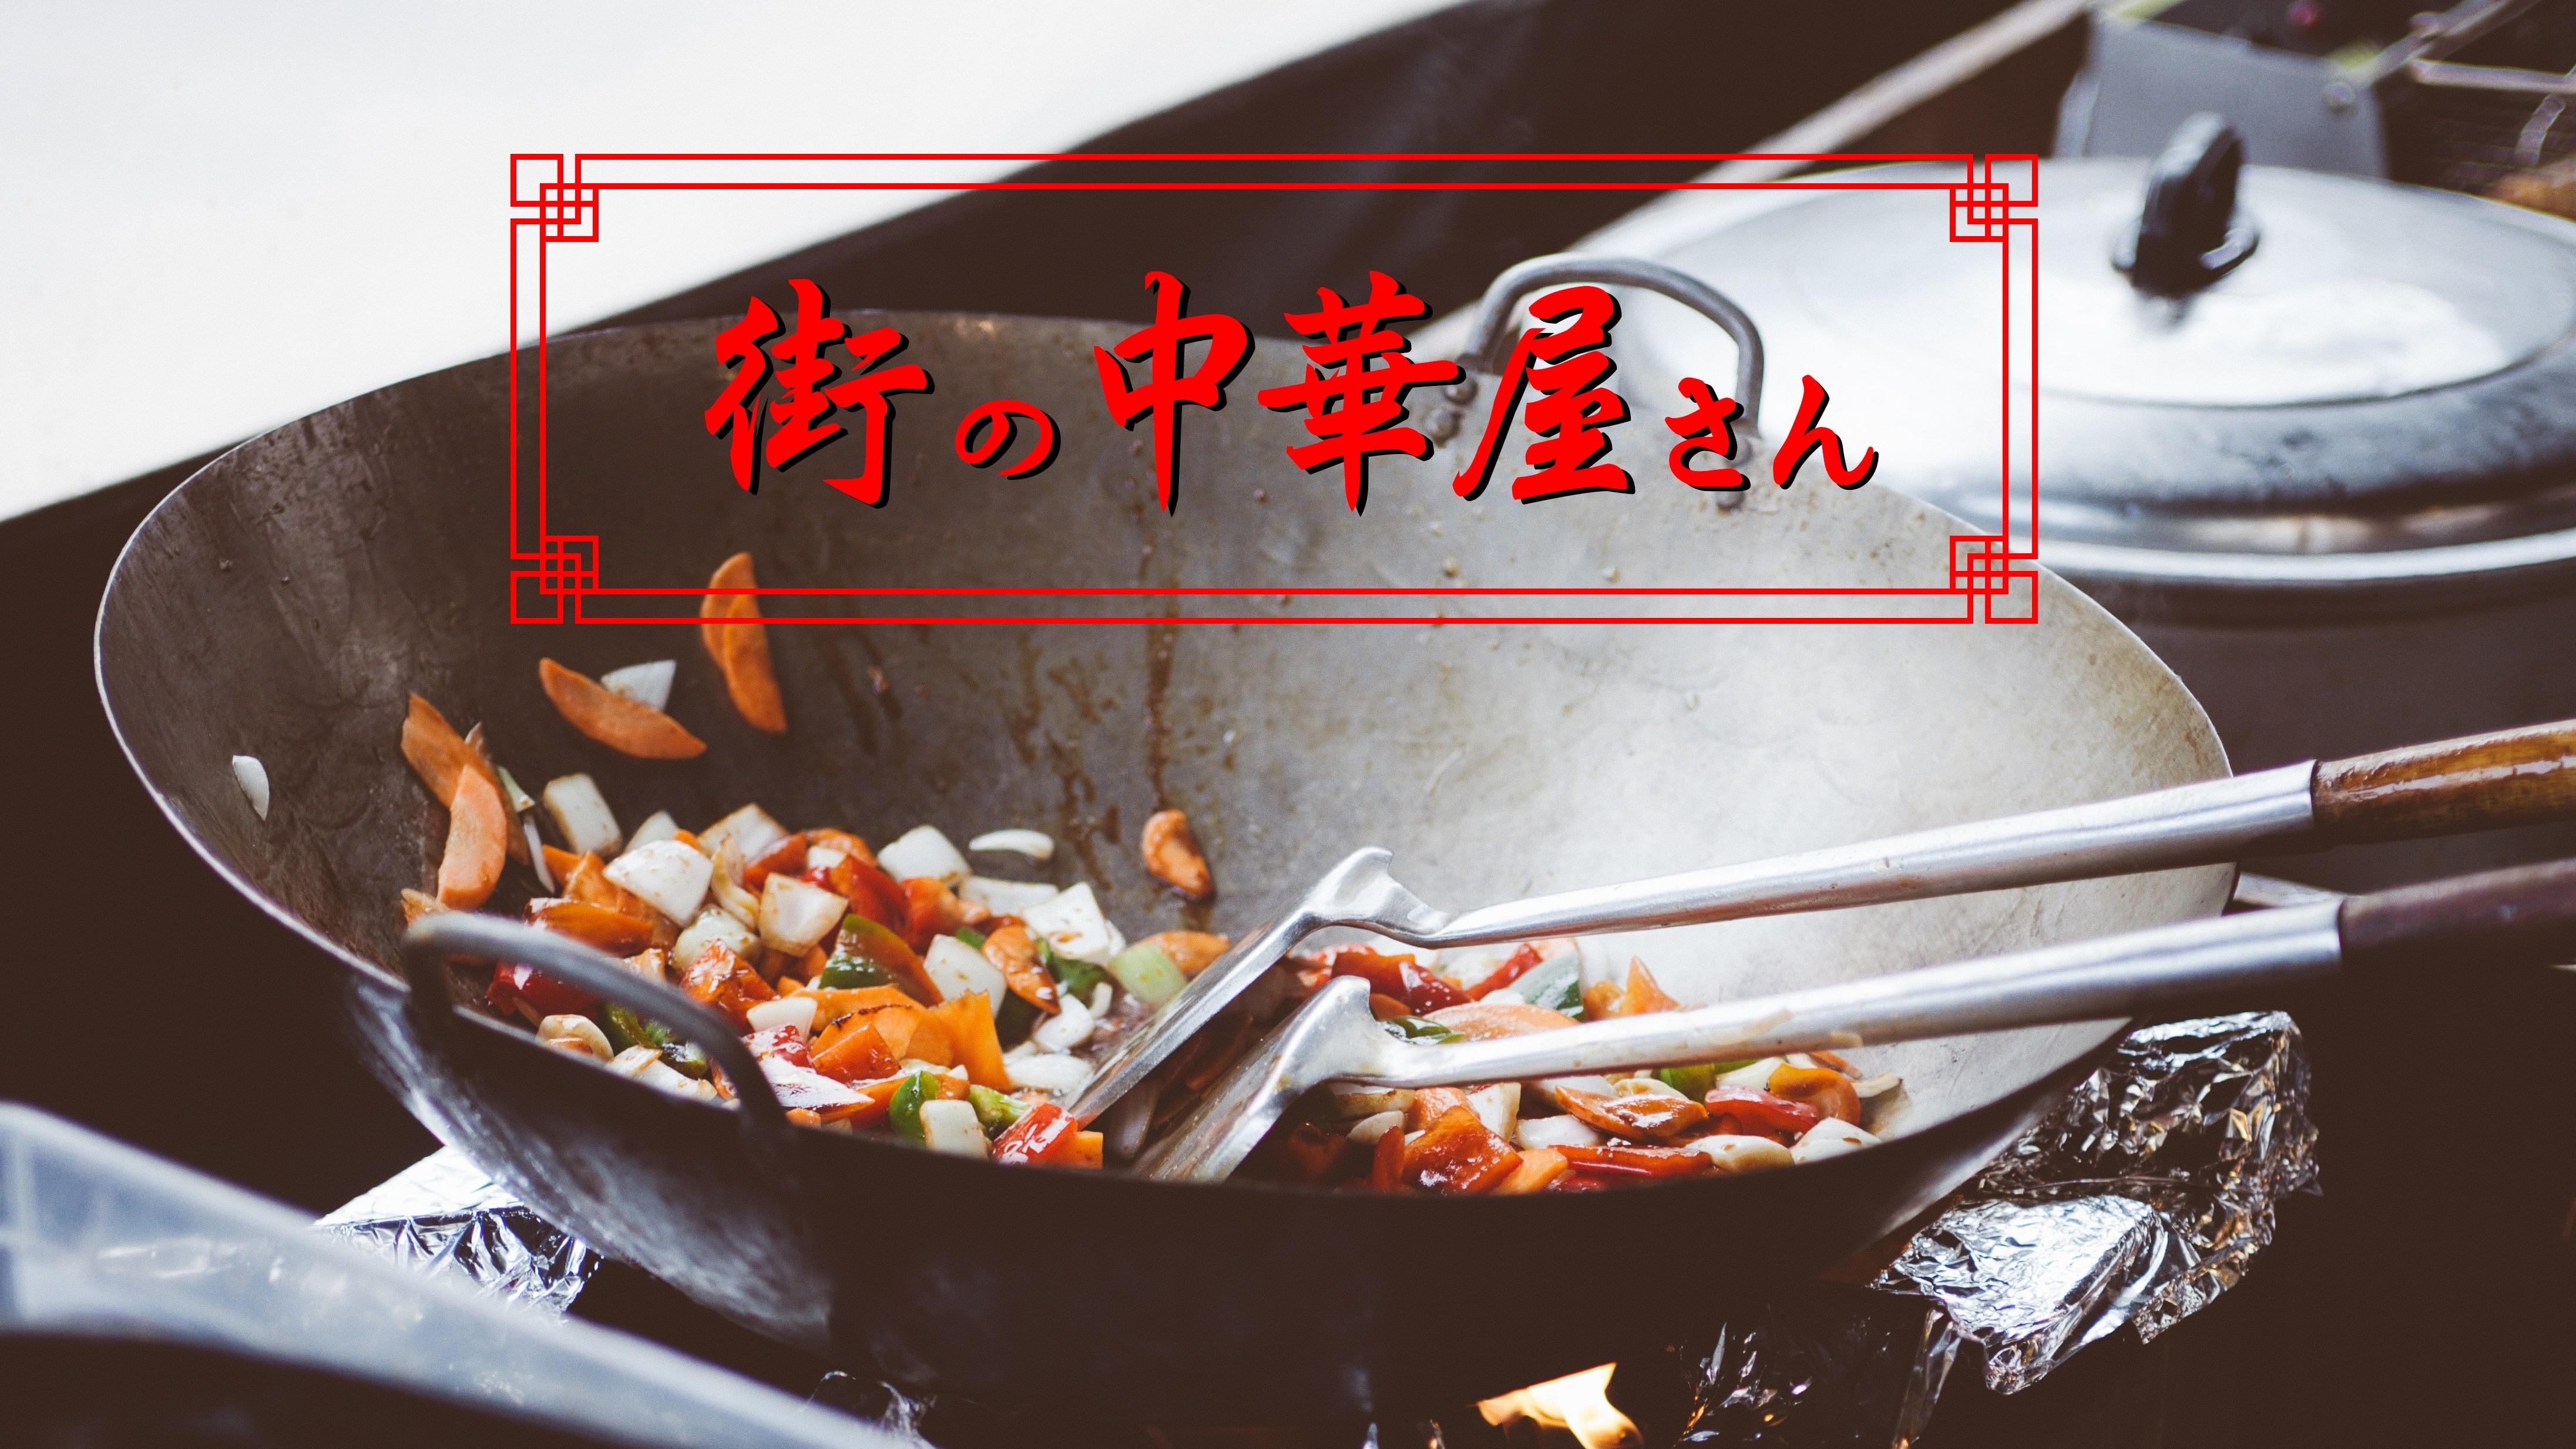 まち中華 イメージ